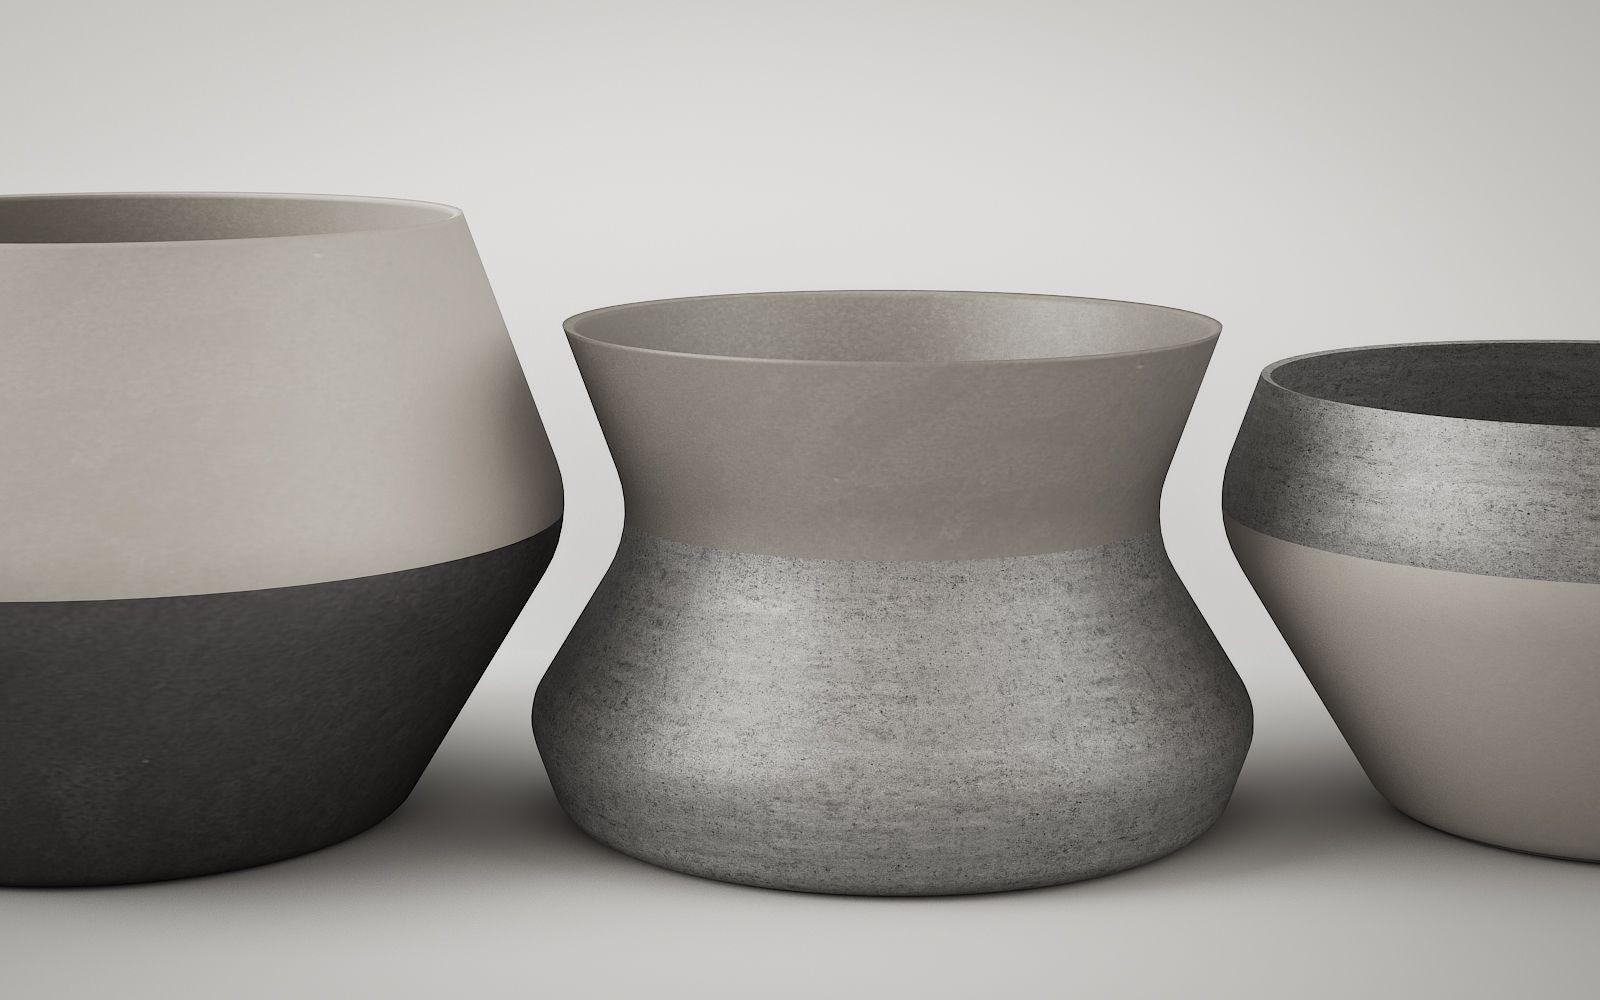 Stone Vases 719